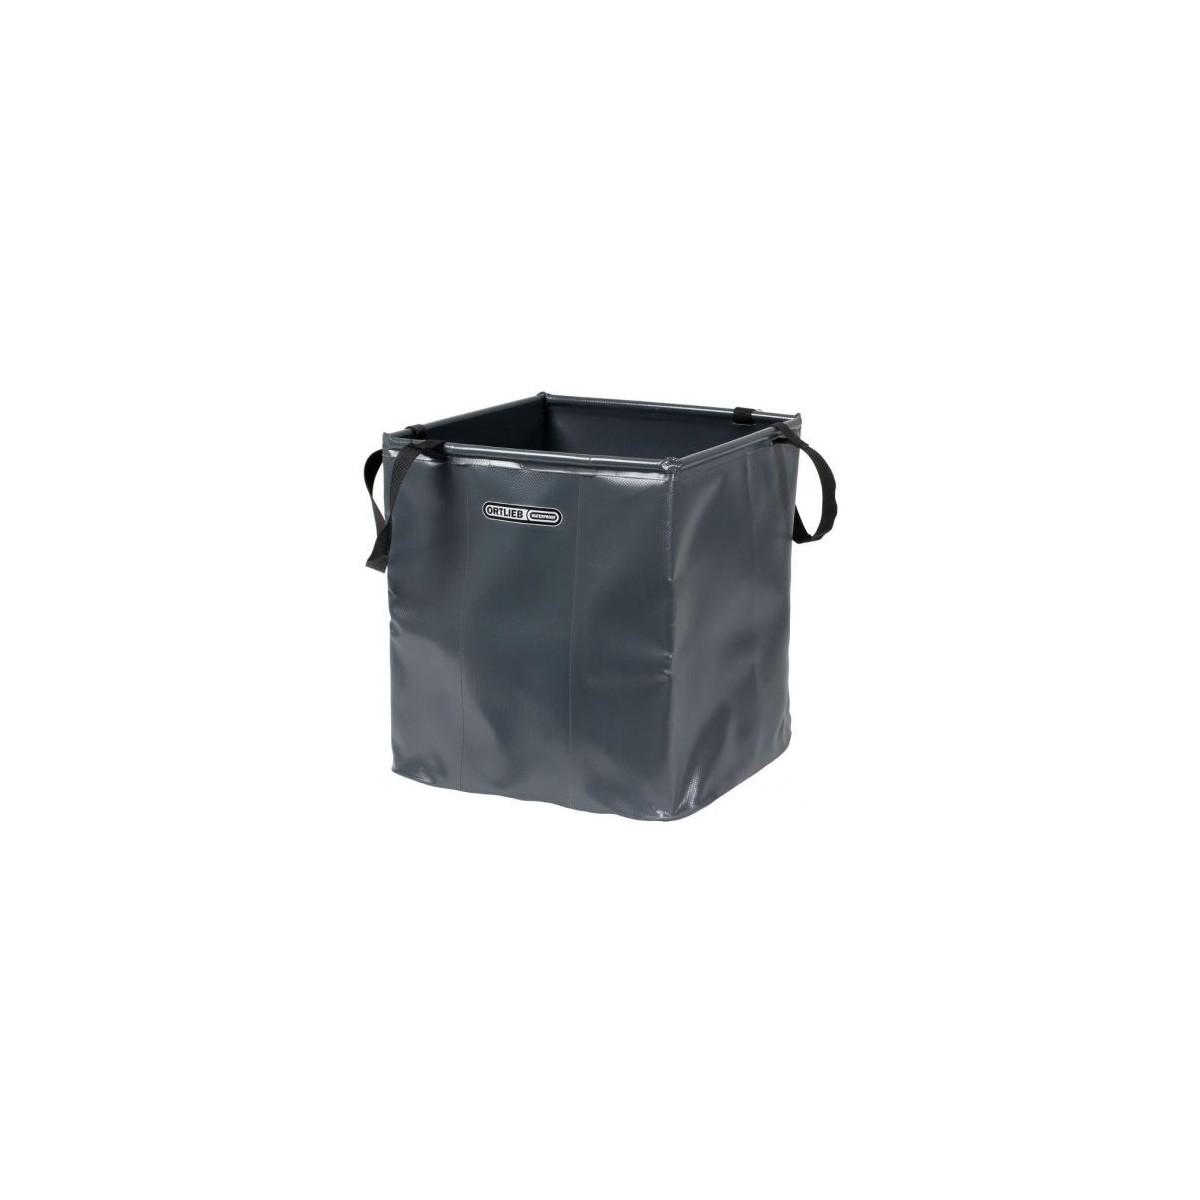 Ūdensdrošie maisi un iepakojumi Ortlieb Folding Bowl 20 L